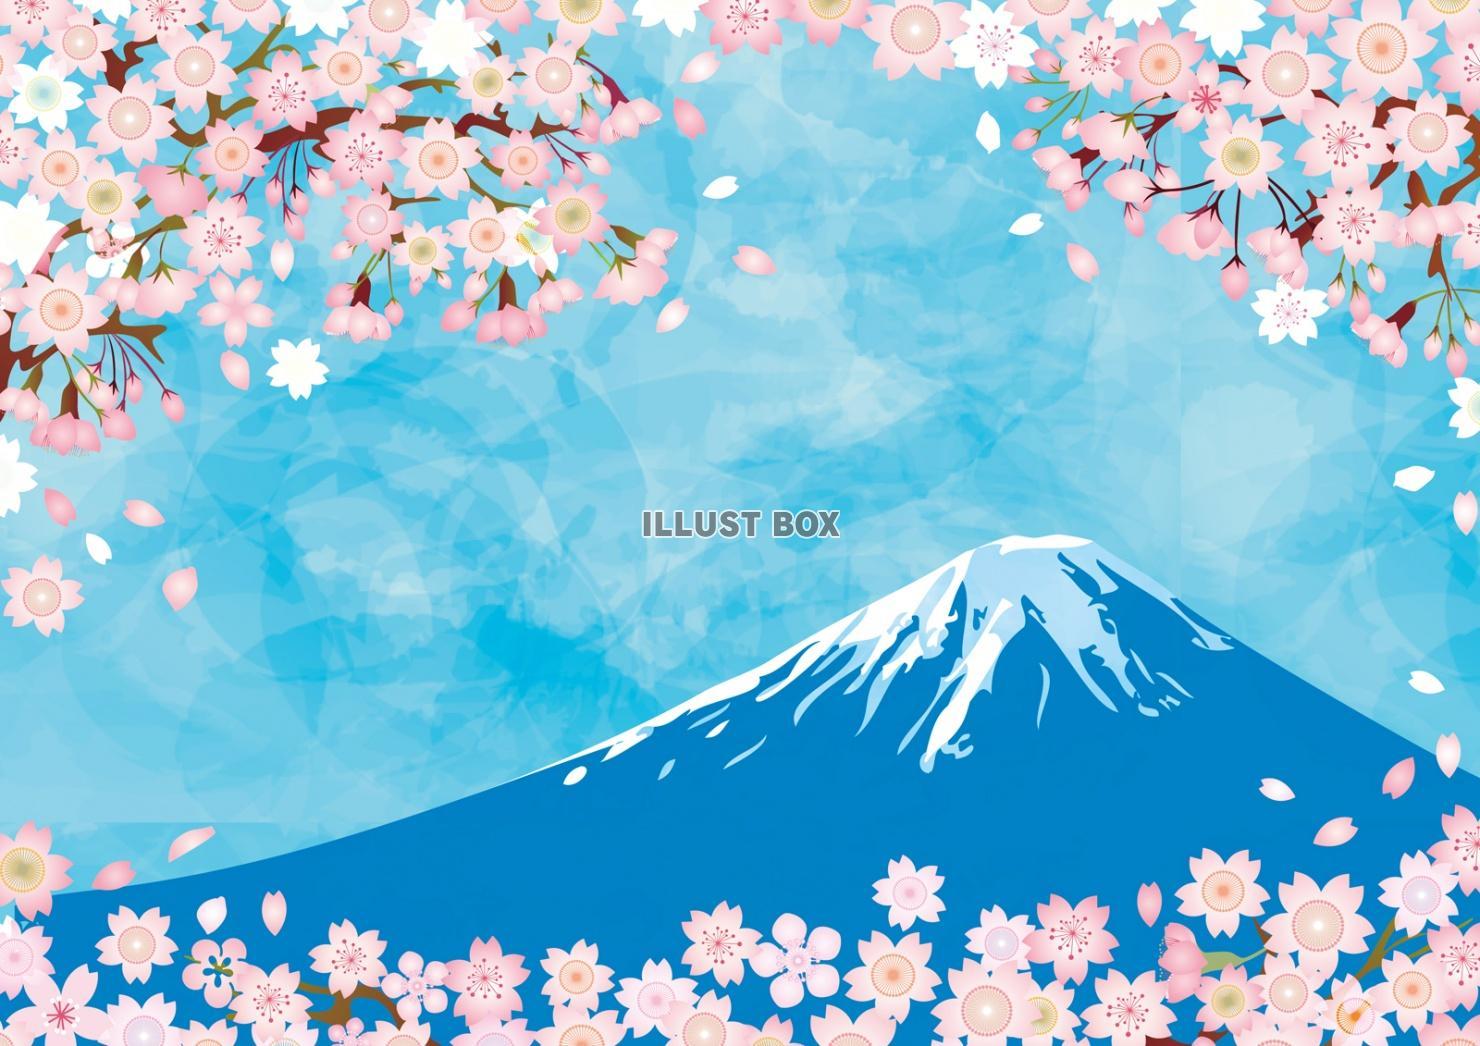 無料イラスト 富士山 桜 背景 イラスト 春 水彩 和 和風 手書き 壁紙